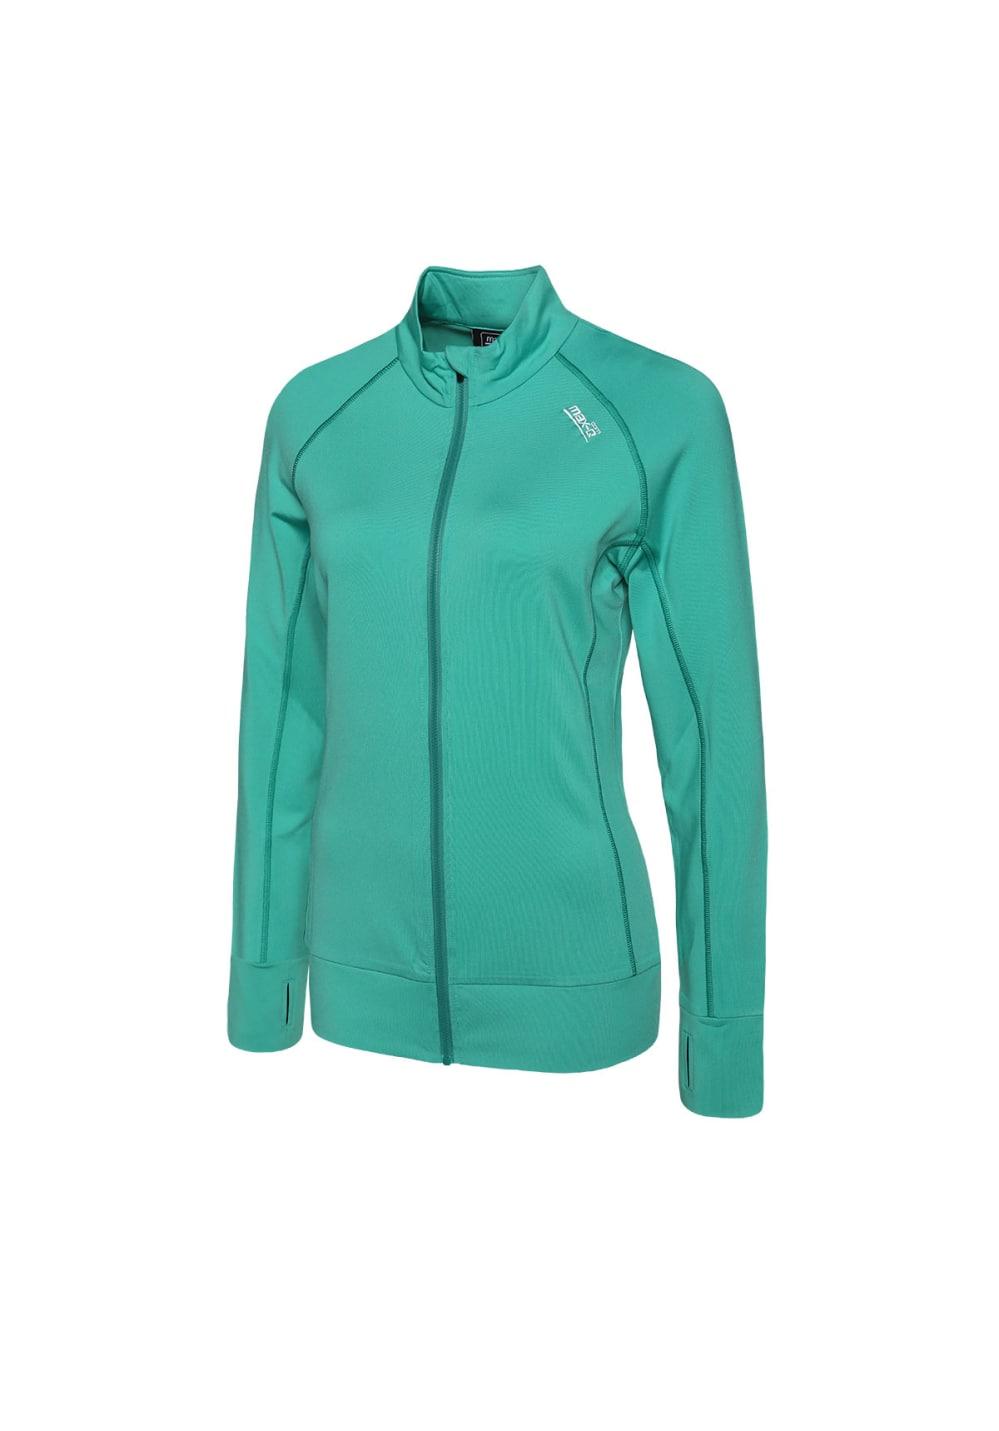 max-Q.com Cross Fun Air Jacket - Laufjacken für Damen - Grün, Gr. M